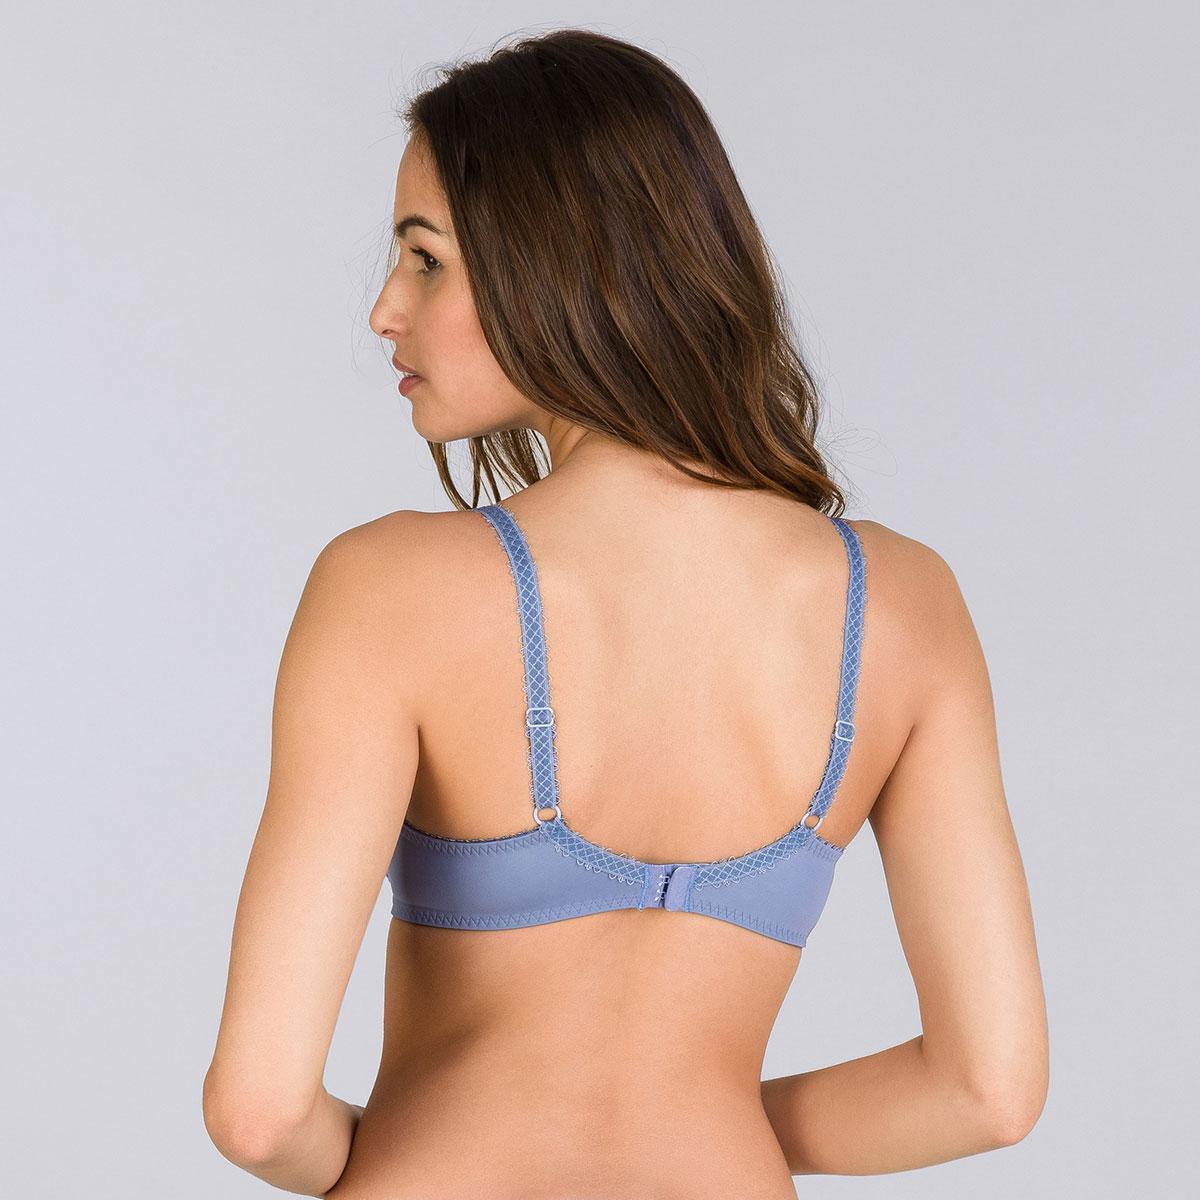 Soutien-gorge balconnet bleu jean bicolore - Flower Elegance-PLAYTEX